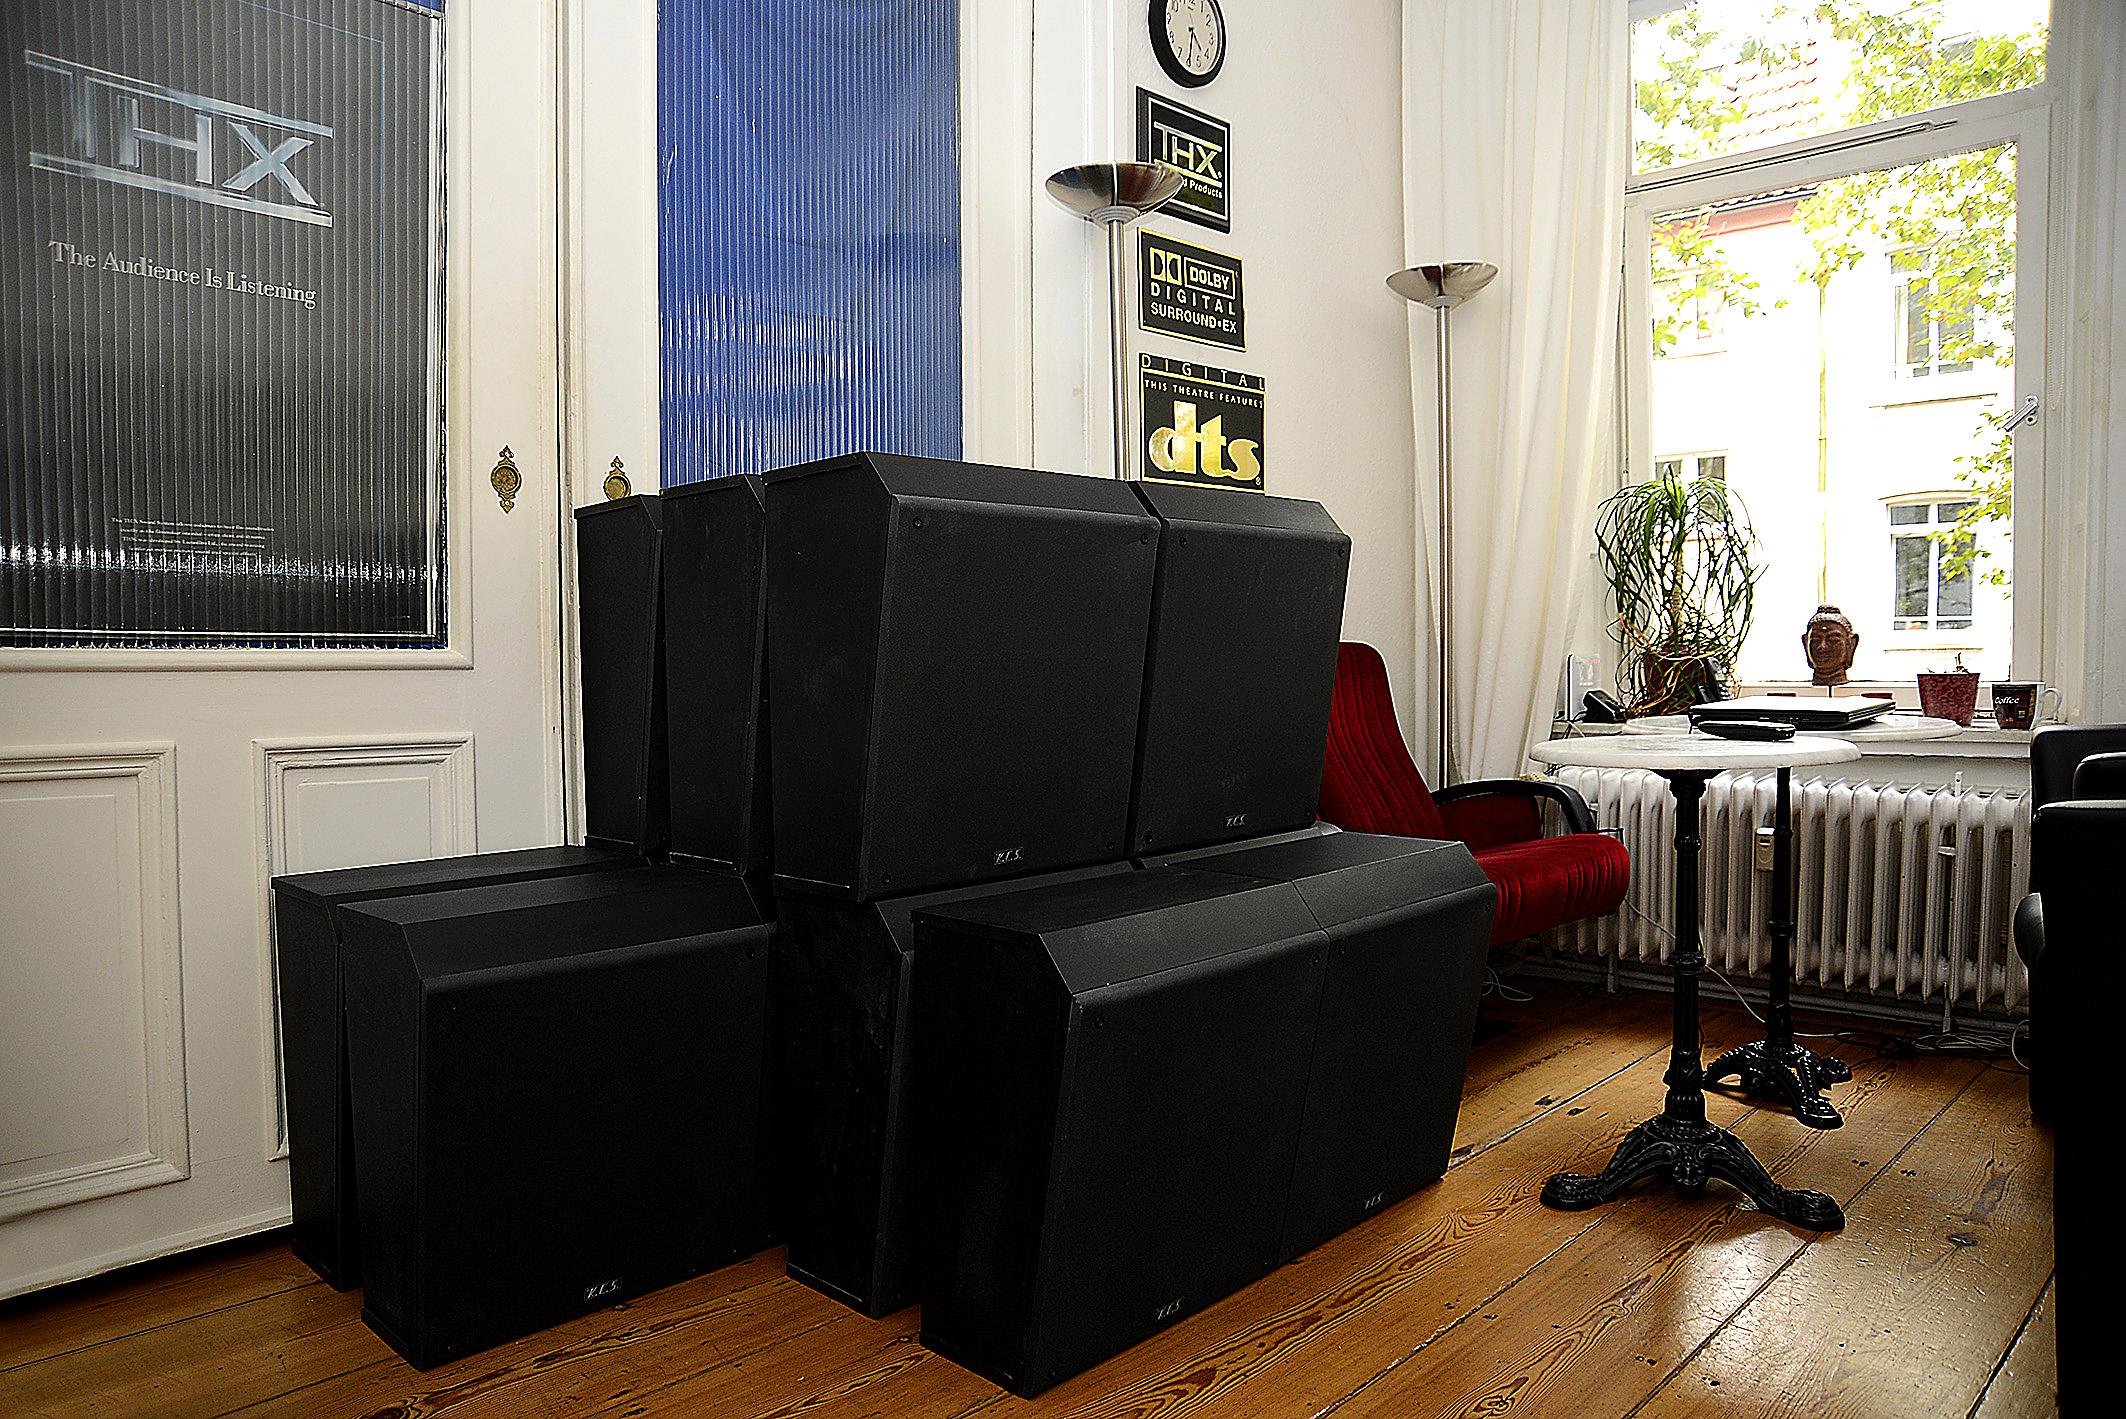 Foto: Michael B. Rehders Warten geduldig vor dem Kino auf Einlass – 16 x KCS SR10 A. Davon werden 14 Speaker letztendlich installiert. Auf dem Foto ist bereits gut zu erkennen, was für gewaltige Abmessungen die Surround-Speaker besitzen.